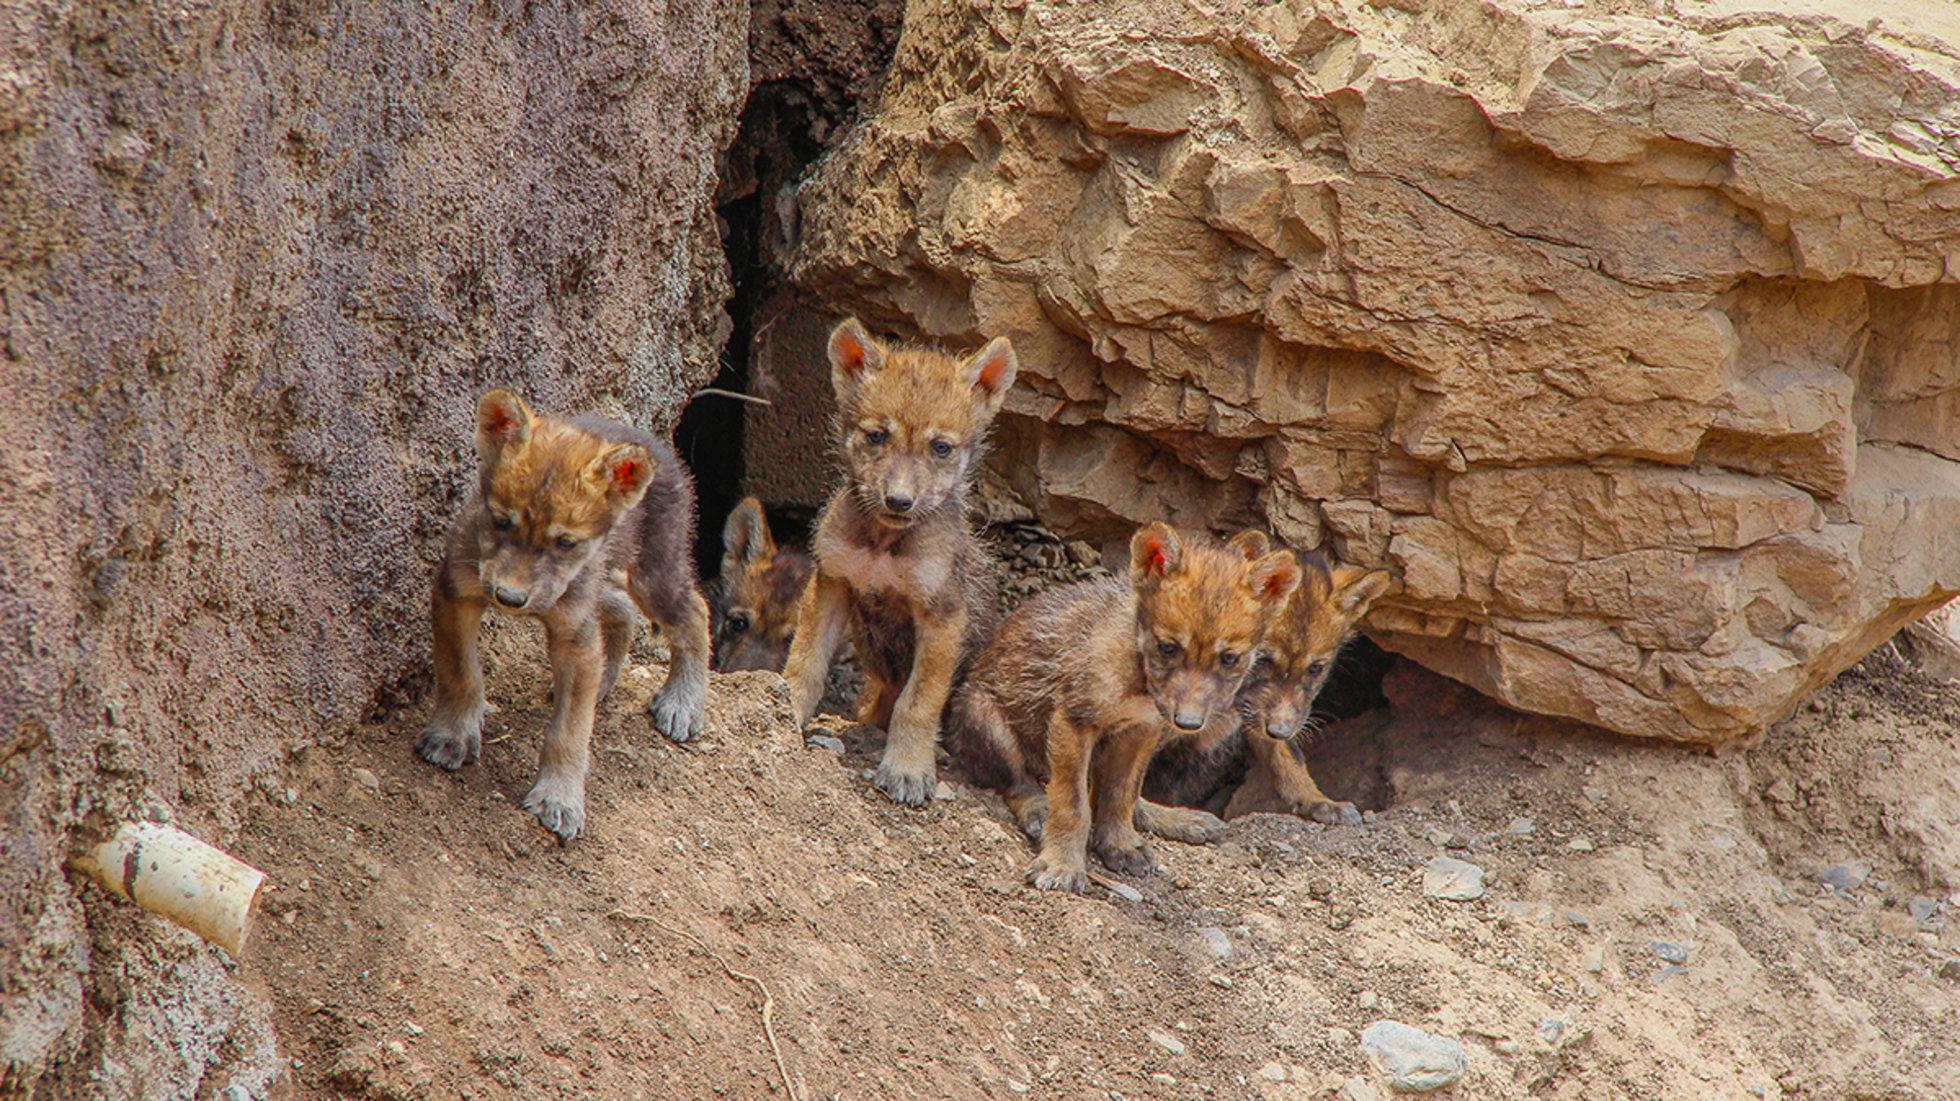 Nacen Cinco Crías De Lobo Gris Mexicano En Peligro De